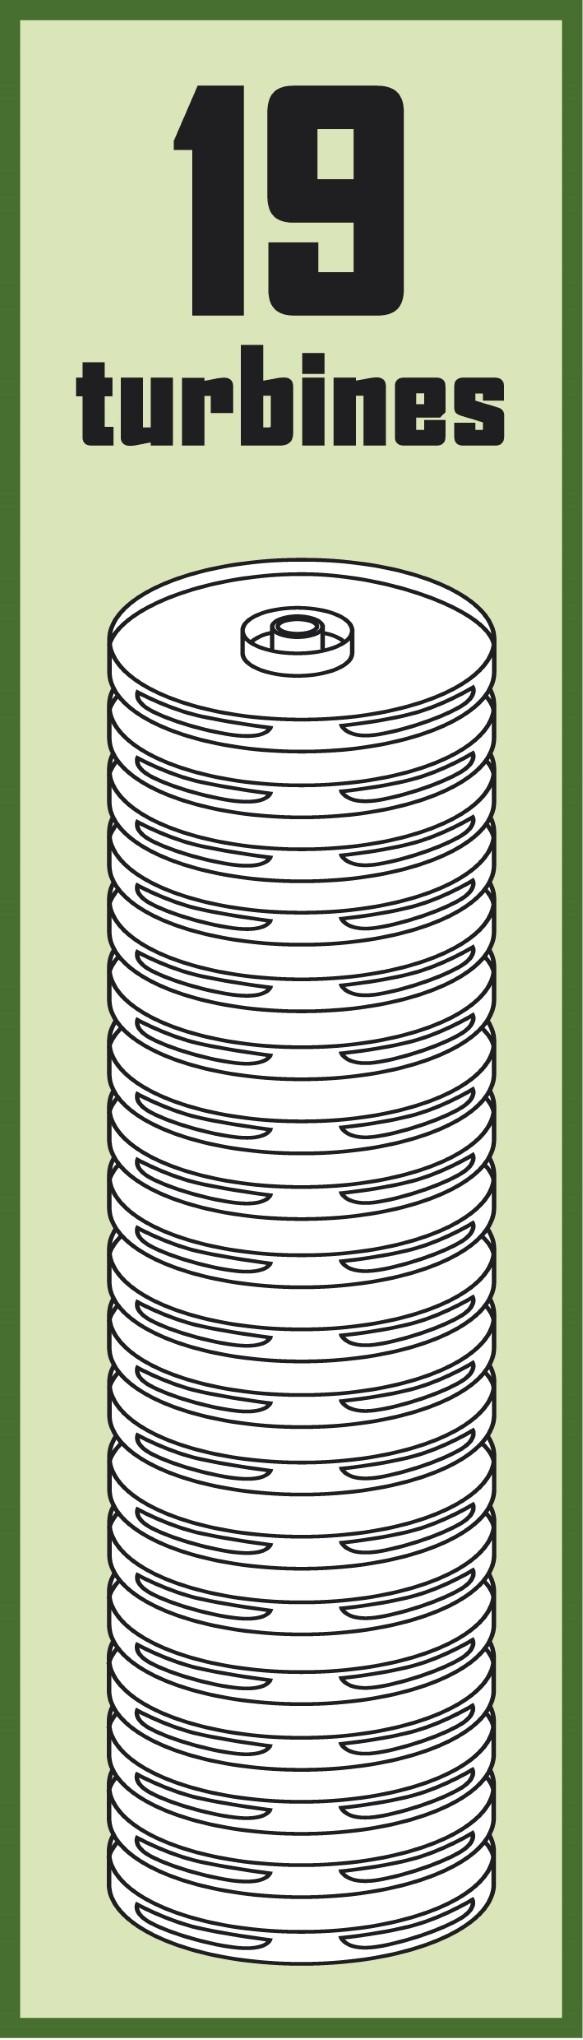 19 turbines